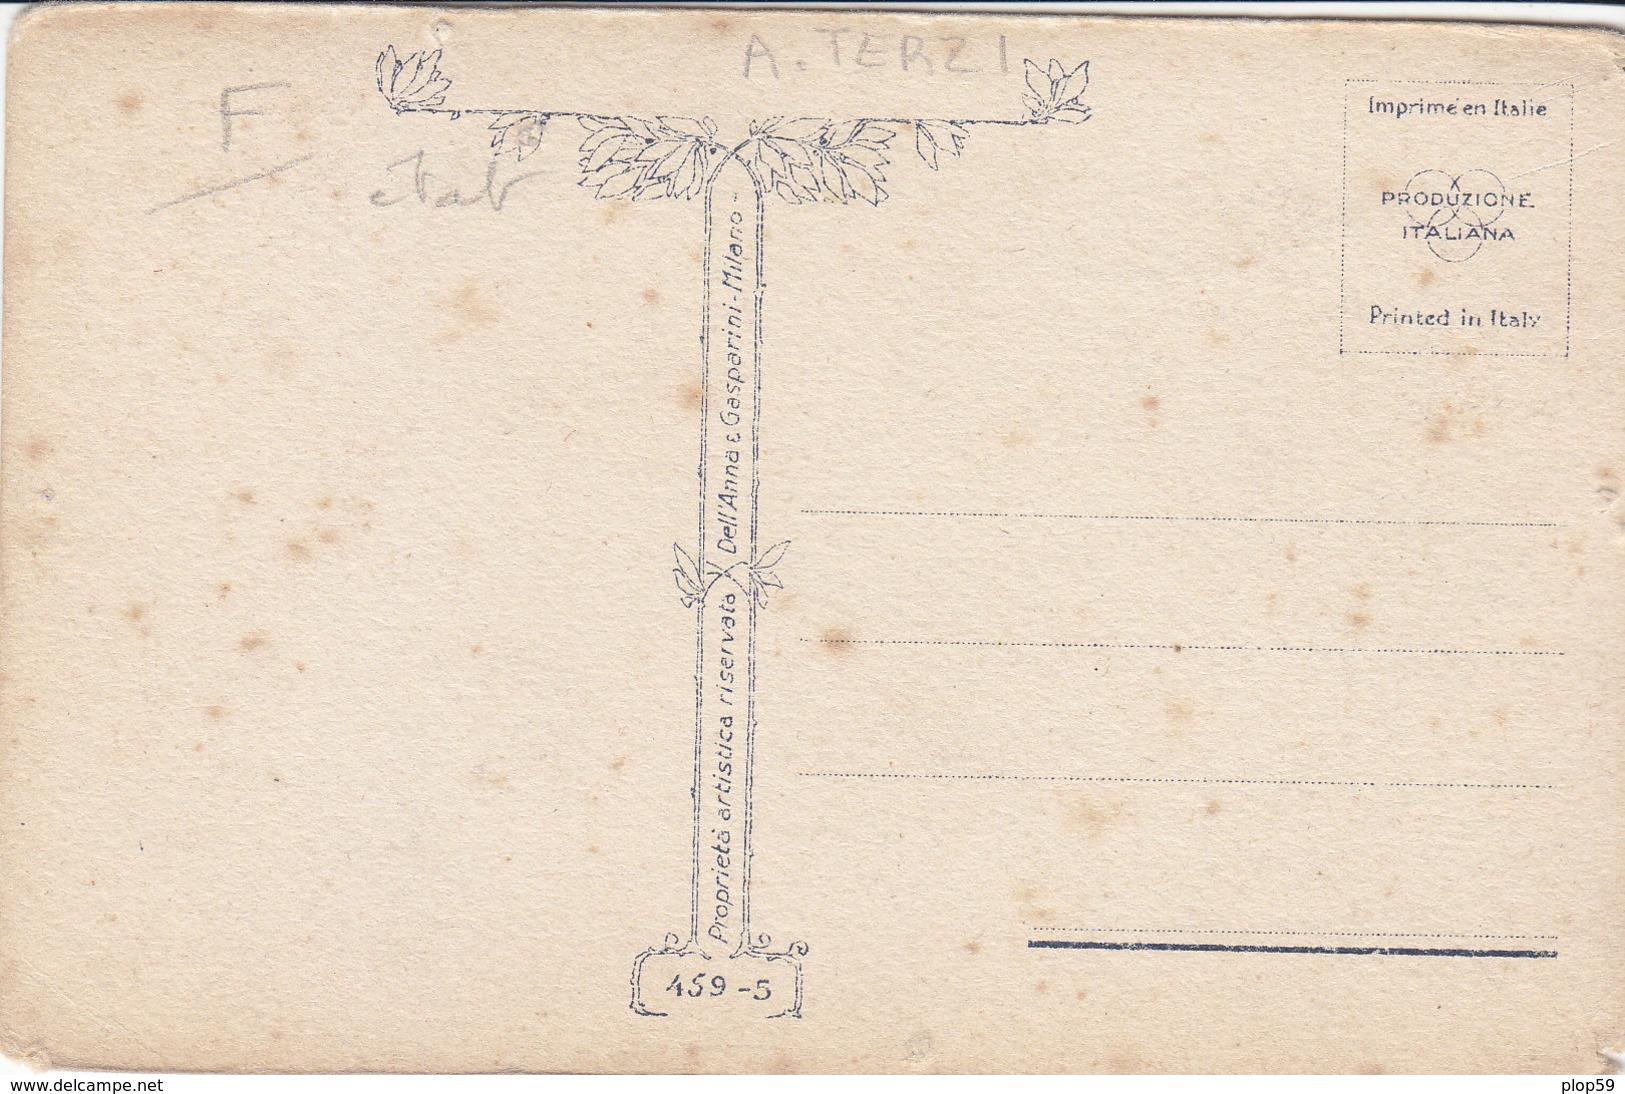 Cpa 2 Scans Illustrateur A Terzi Femme Art Nouveau - Künstlerkarten